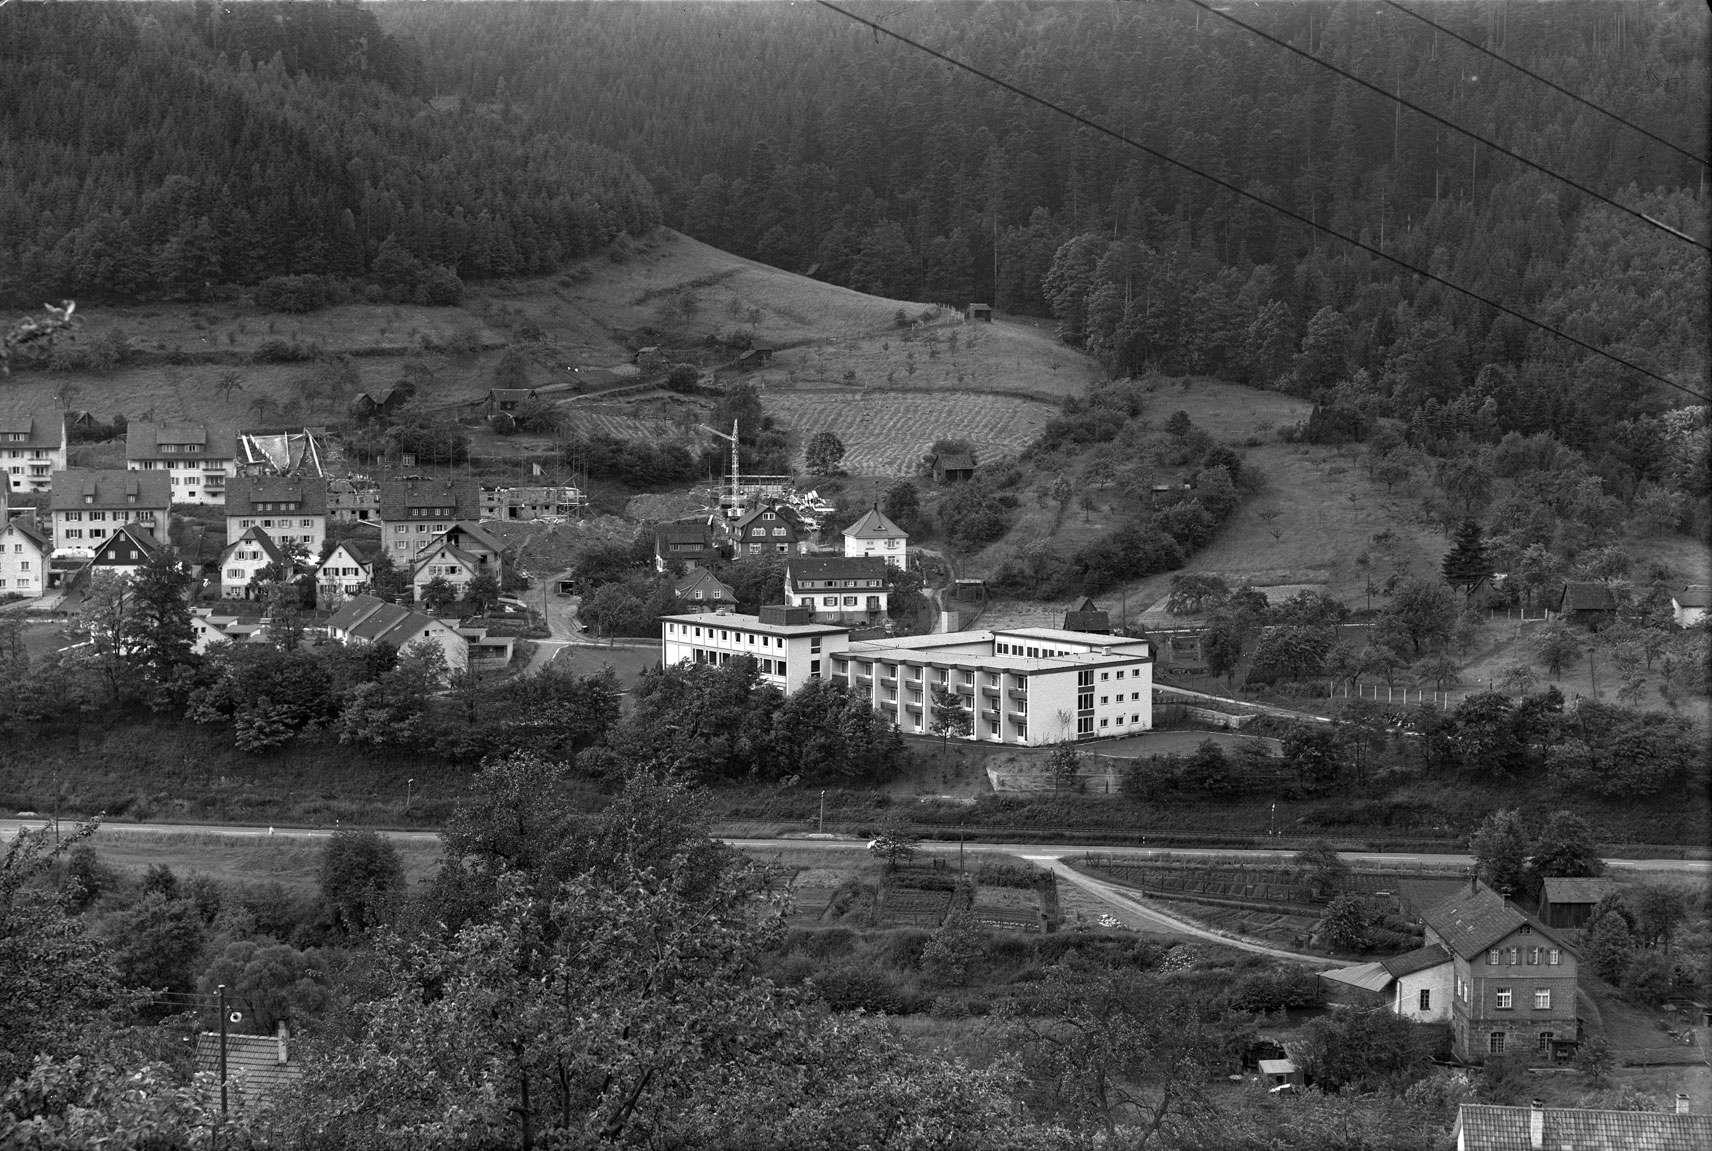 Wildbad / Calmbach u.a. 1961 (1), Nr 002